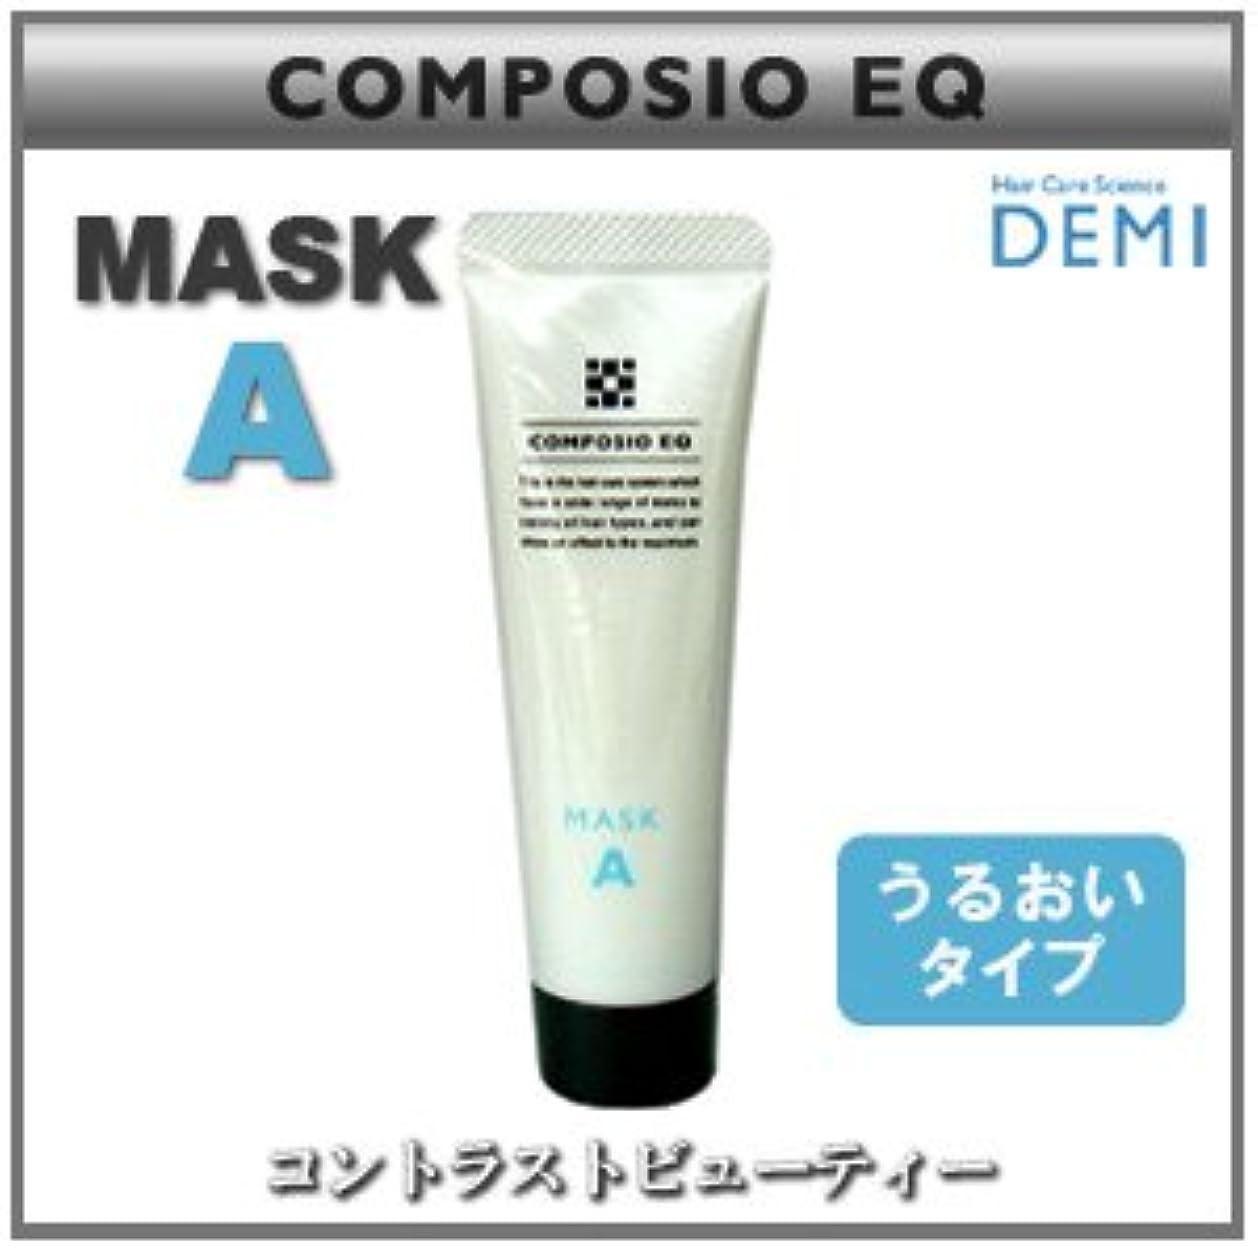 値下げ責任者欠員【X2個セット】 デミ コンポジオ EQ マスク A 50g